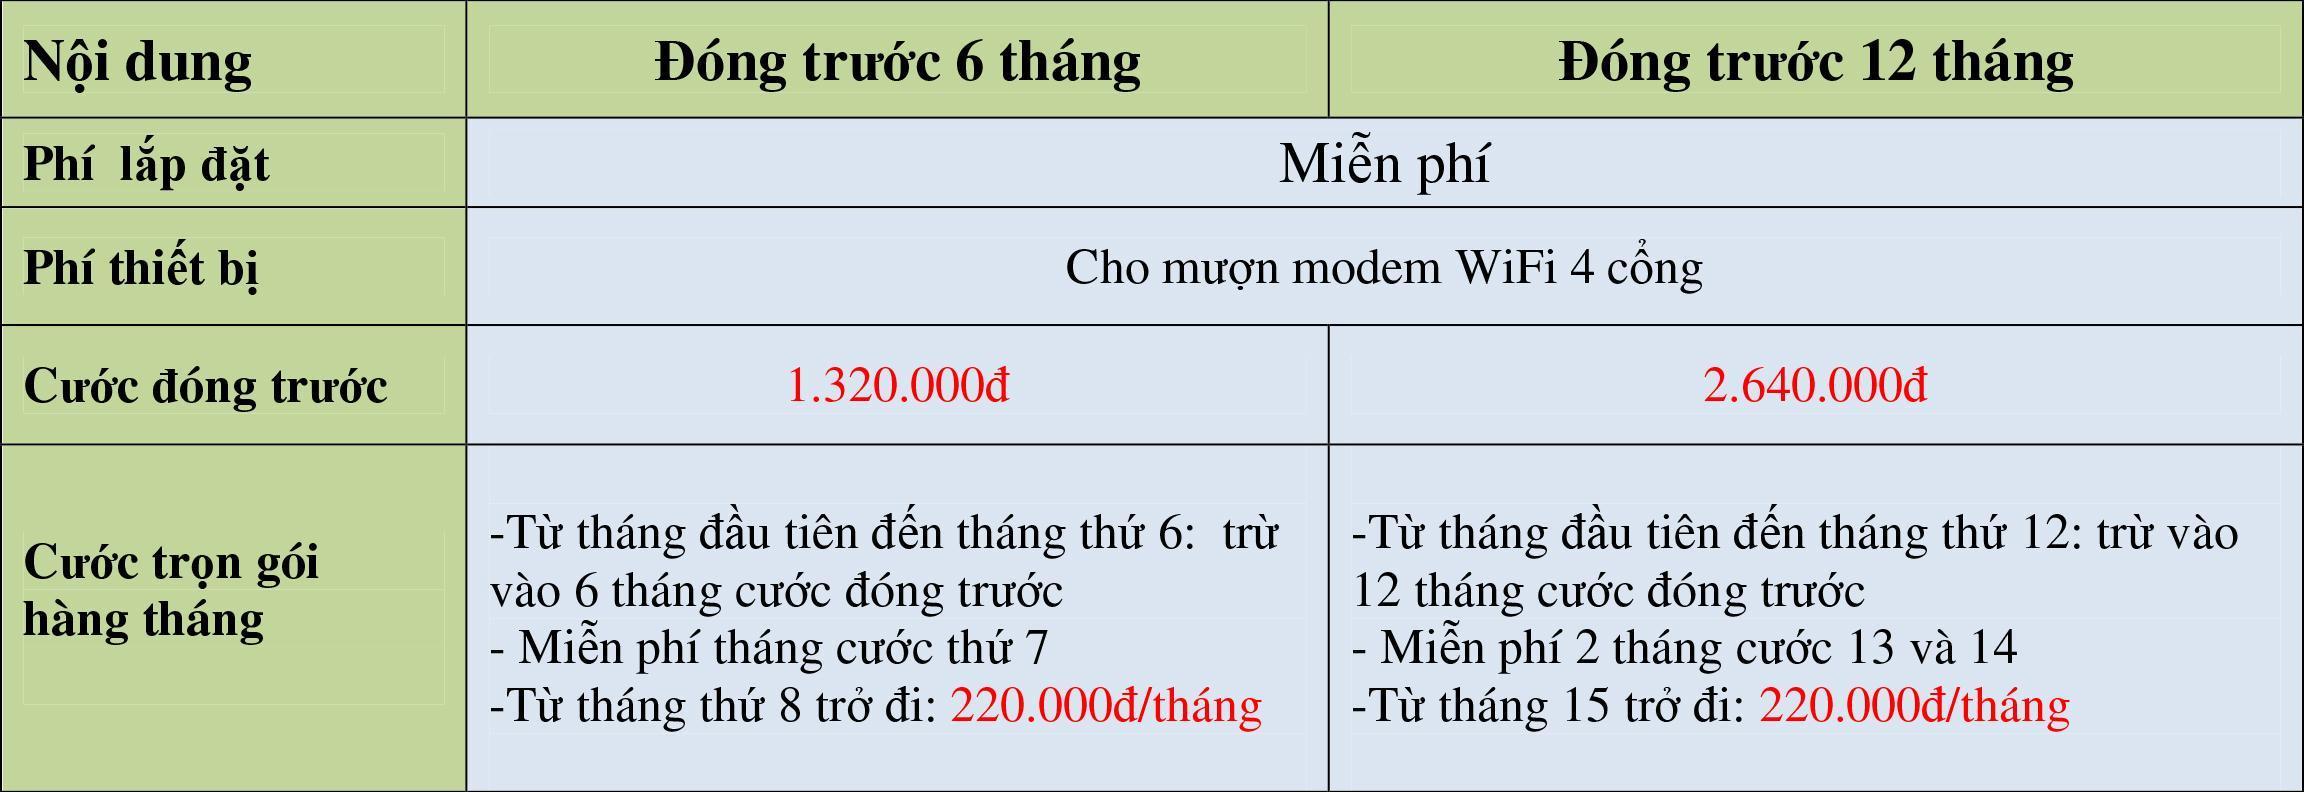 wifi-internet-viettel-gia-re